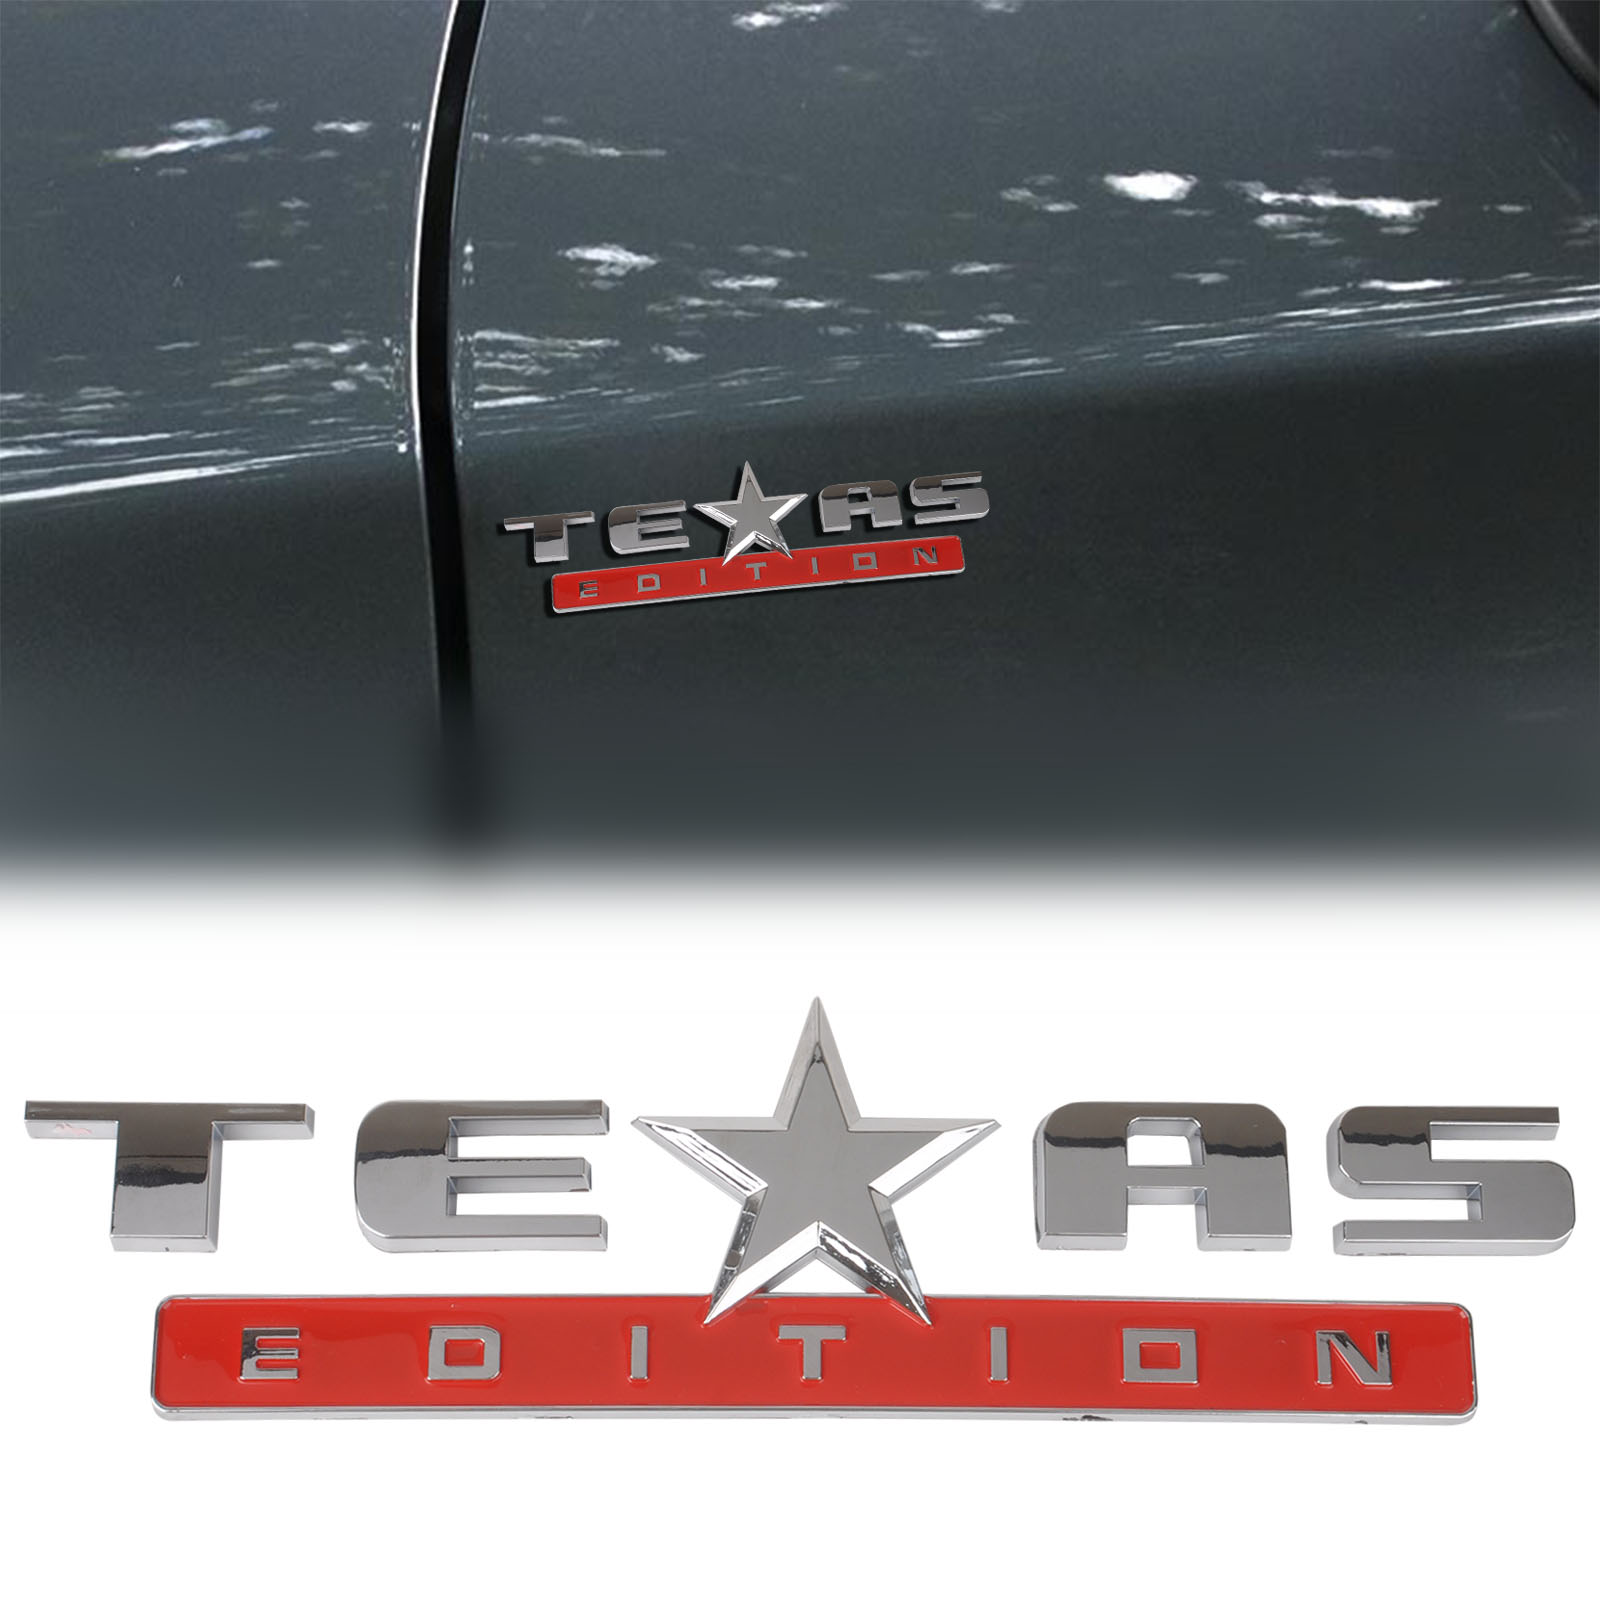 Wysokiej jako ci abs mayitr texas edition samochod w emblem badge naklejka naklejka dla chevrolet chevy srebrny czerwony